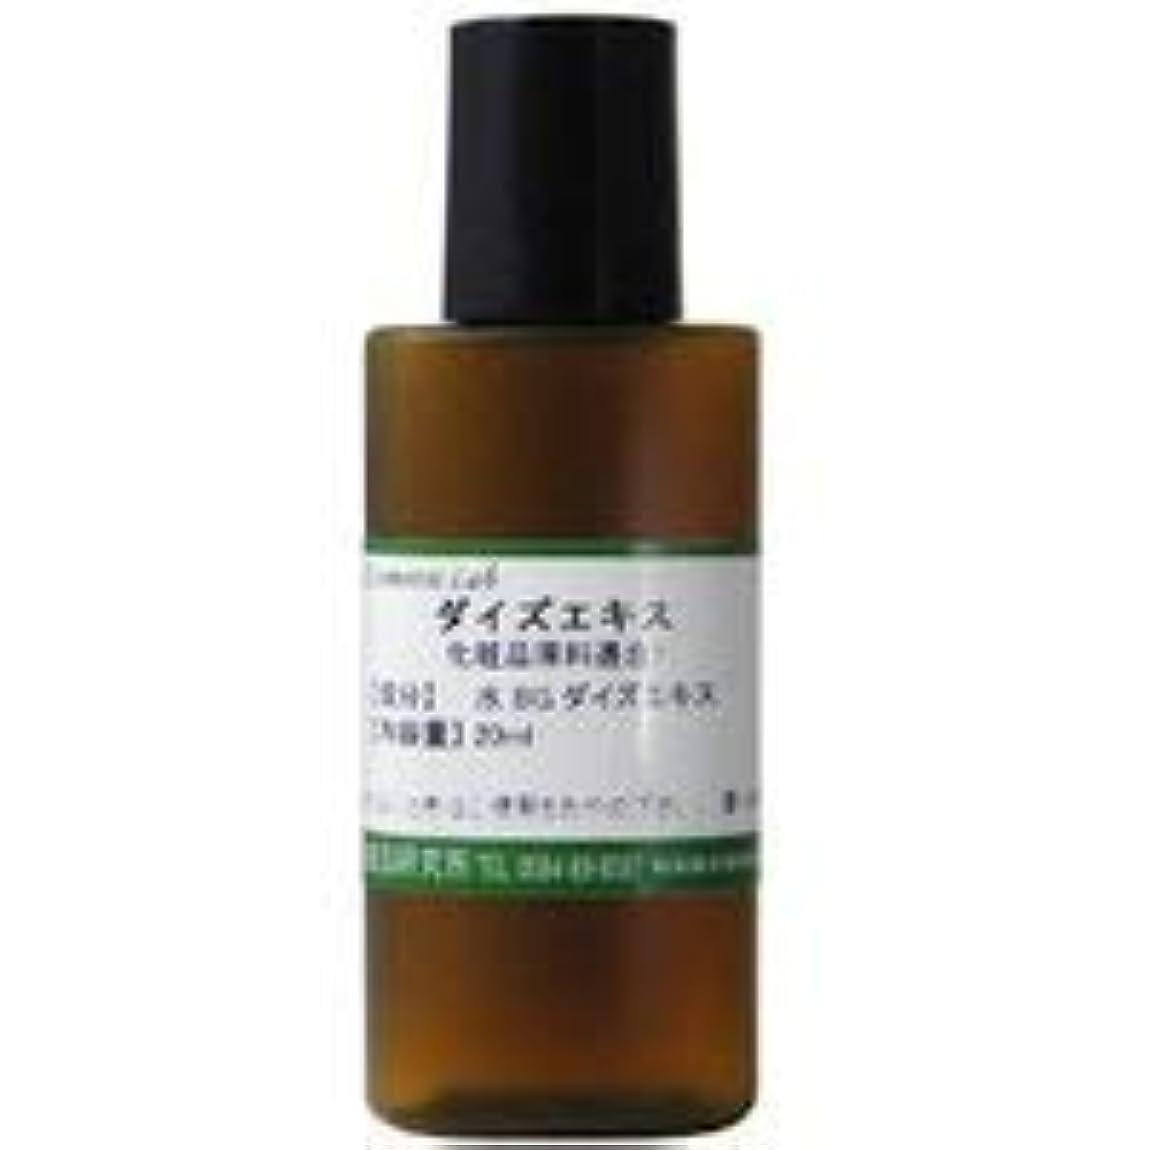 シード下品価値大豆エキス 20ml 【手作り化粧品原料】